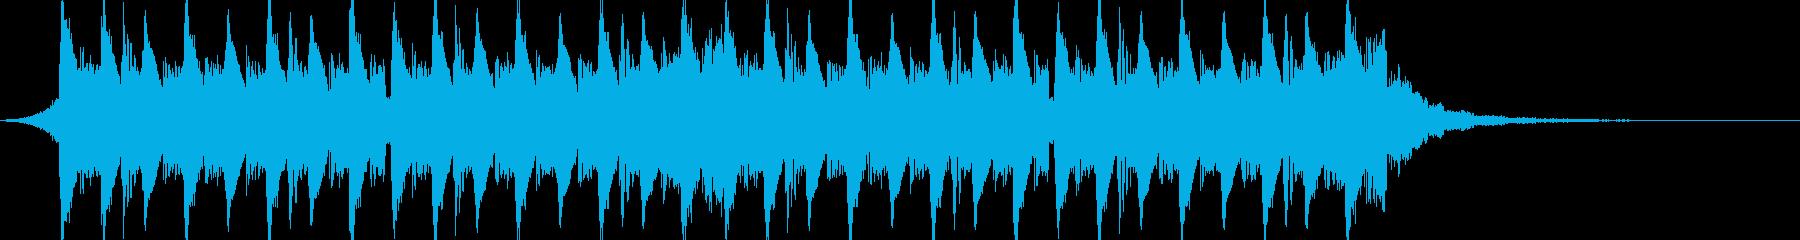 テクノ ハードコア 実験的 積極的...の再生済みの波形